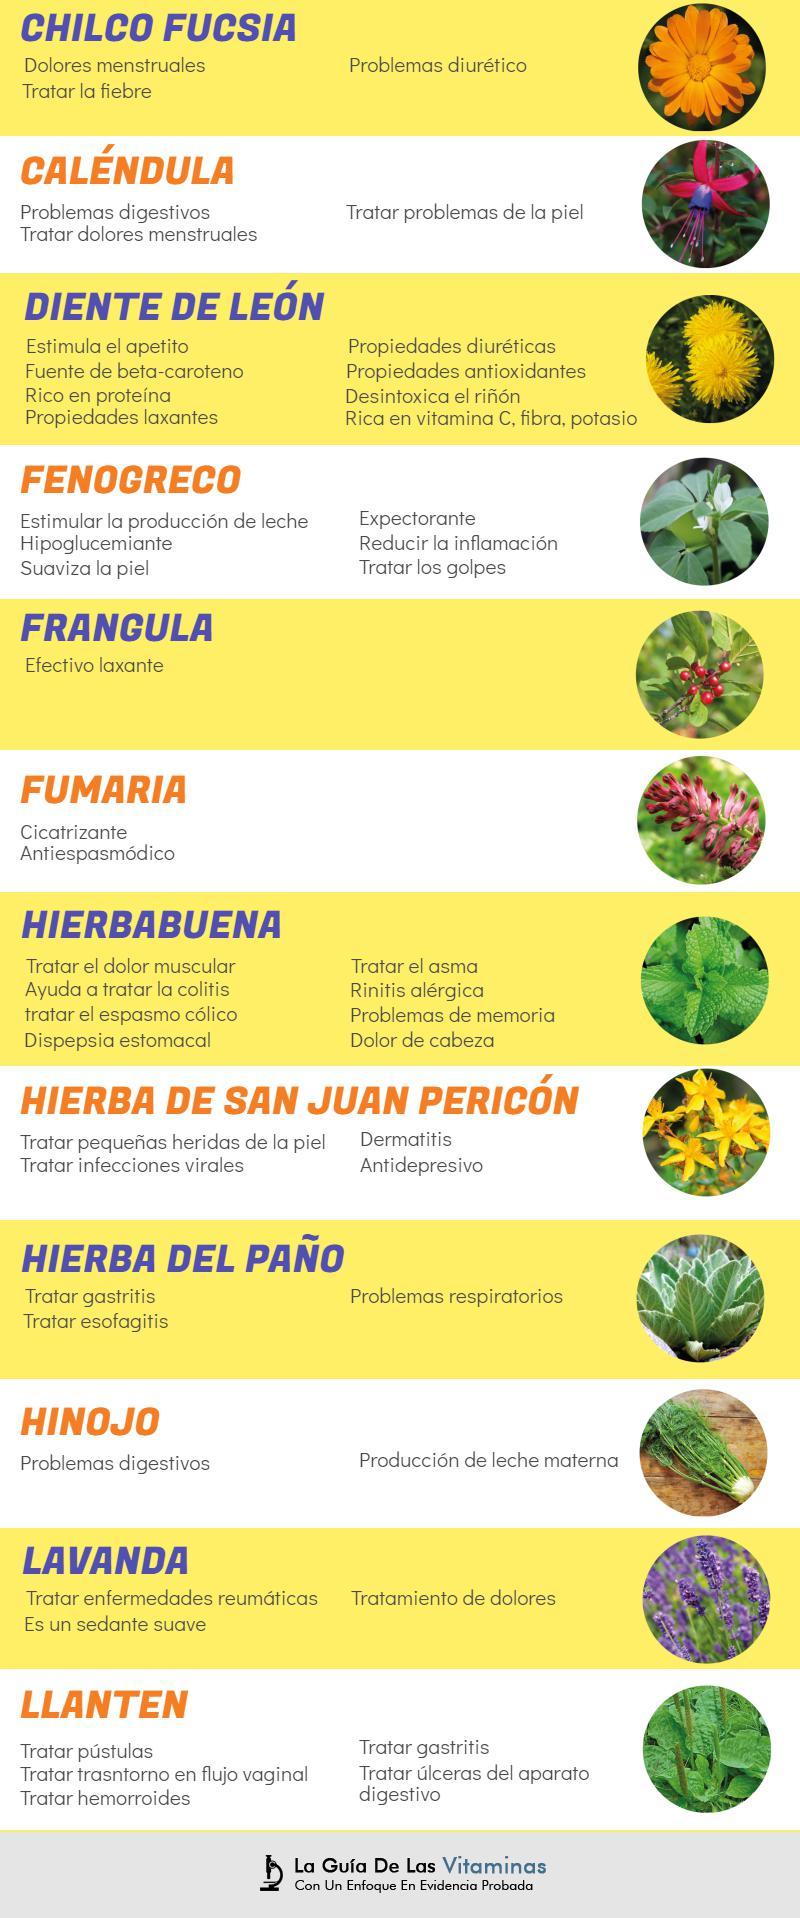 44 plantas medicinales para qu sirven y como cultivarlas for Planta decorativa con propiedades medicinales crucigrama